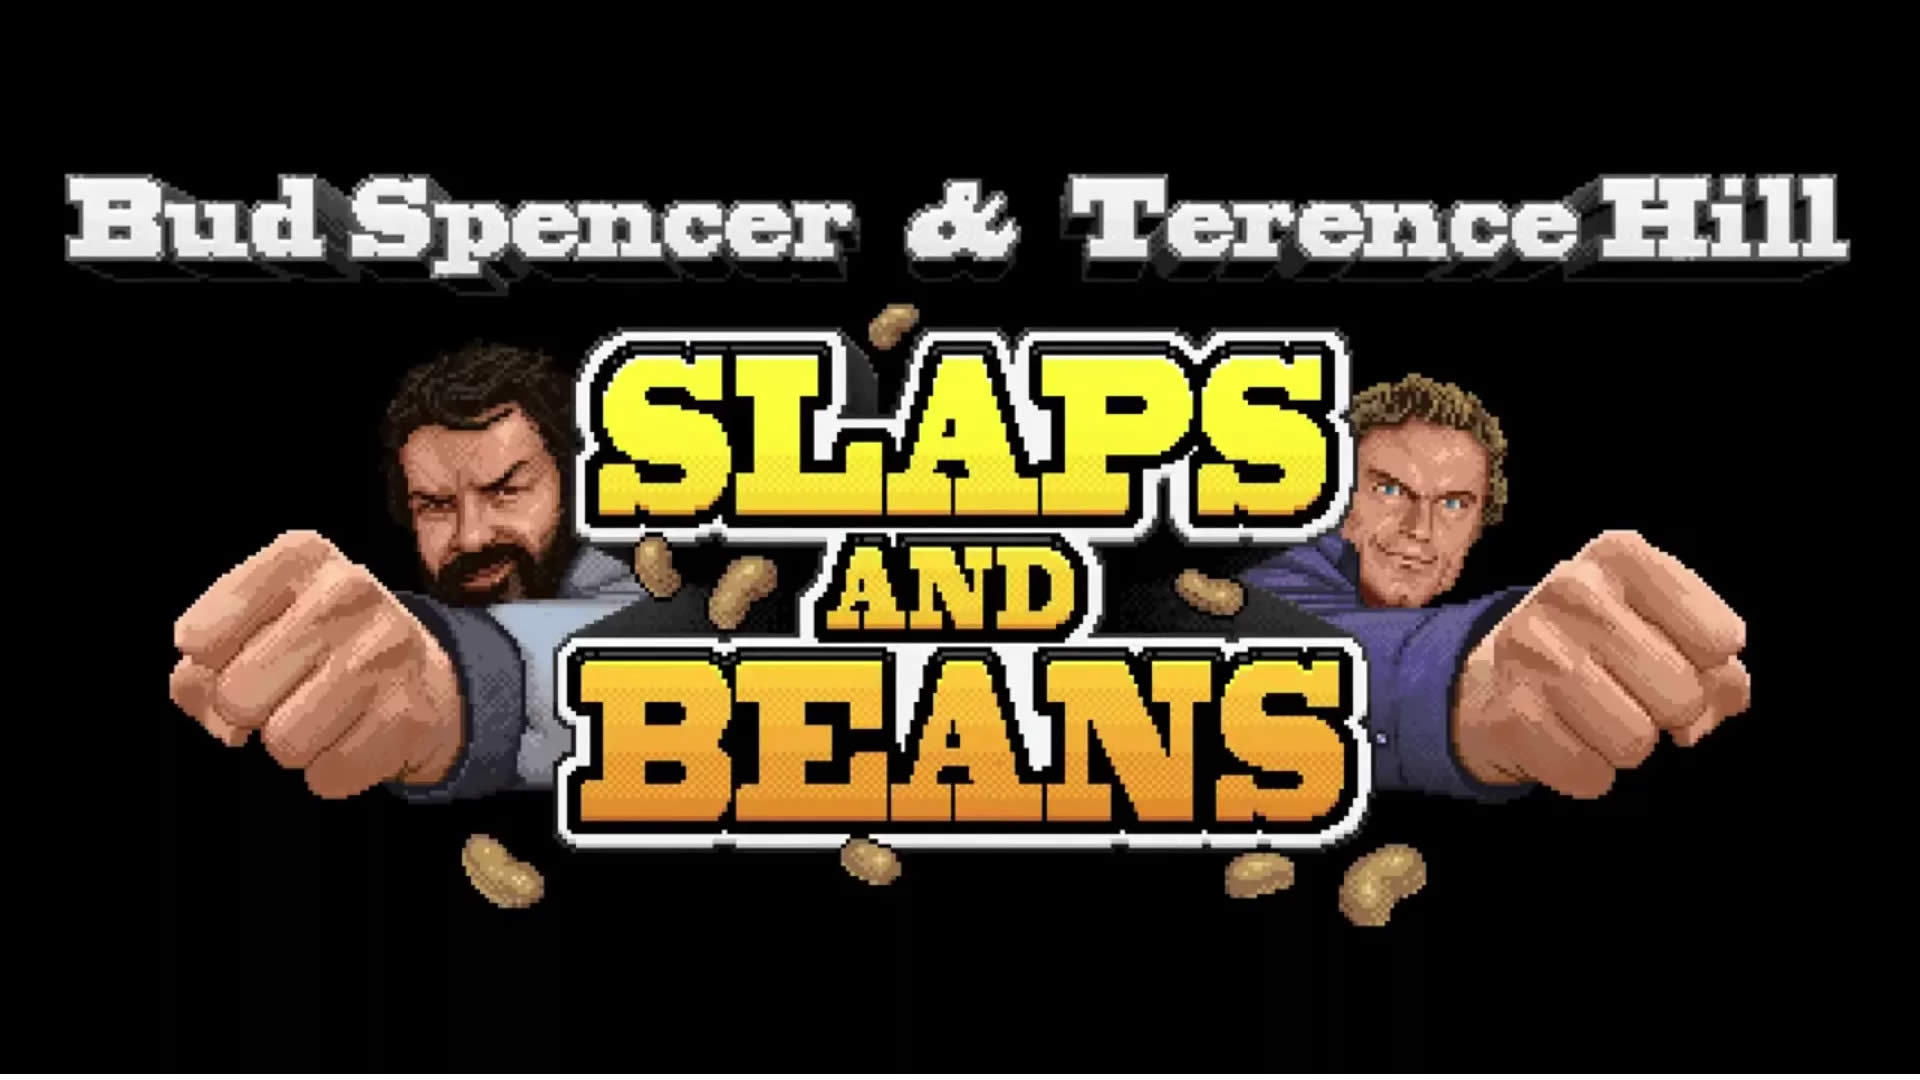 Slap & beans